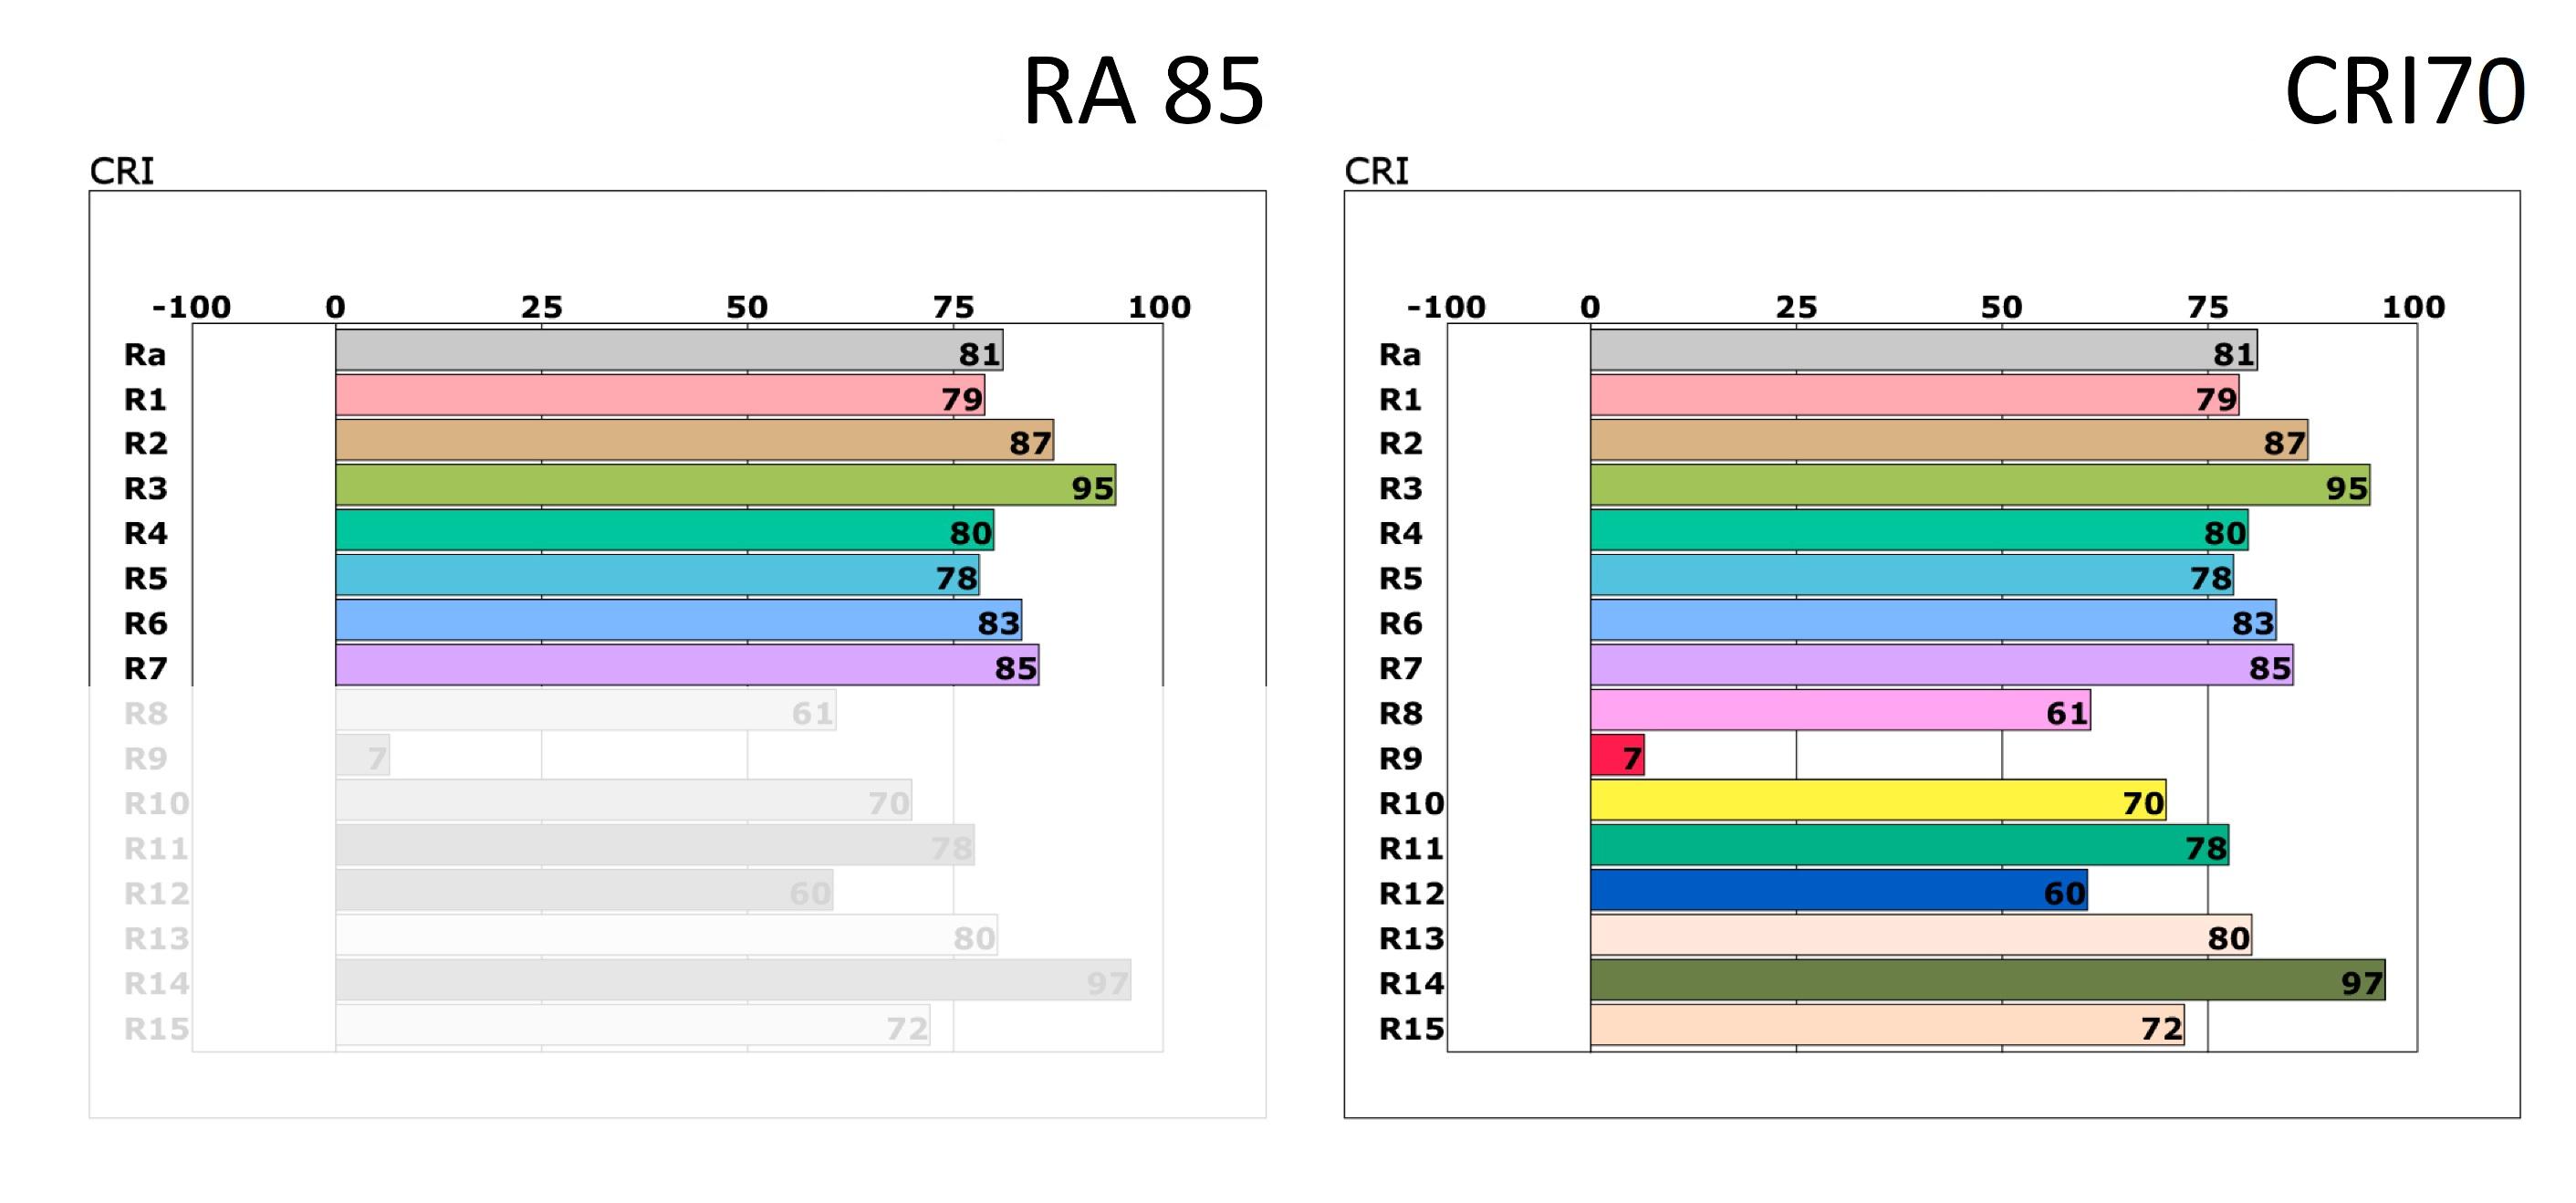 Kuva 1. Samasta led-spotista mitattu värintoistoindeksi voidaan ilmoittaa kahdella eri tavalla. Imartelevampi luku RA-indeksi 85 jättää huomiotta ledille tyypillisesti haasteellisemmat värisävyt. Ne ilmoitetaan CRI-arvossa.